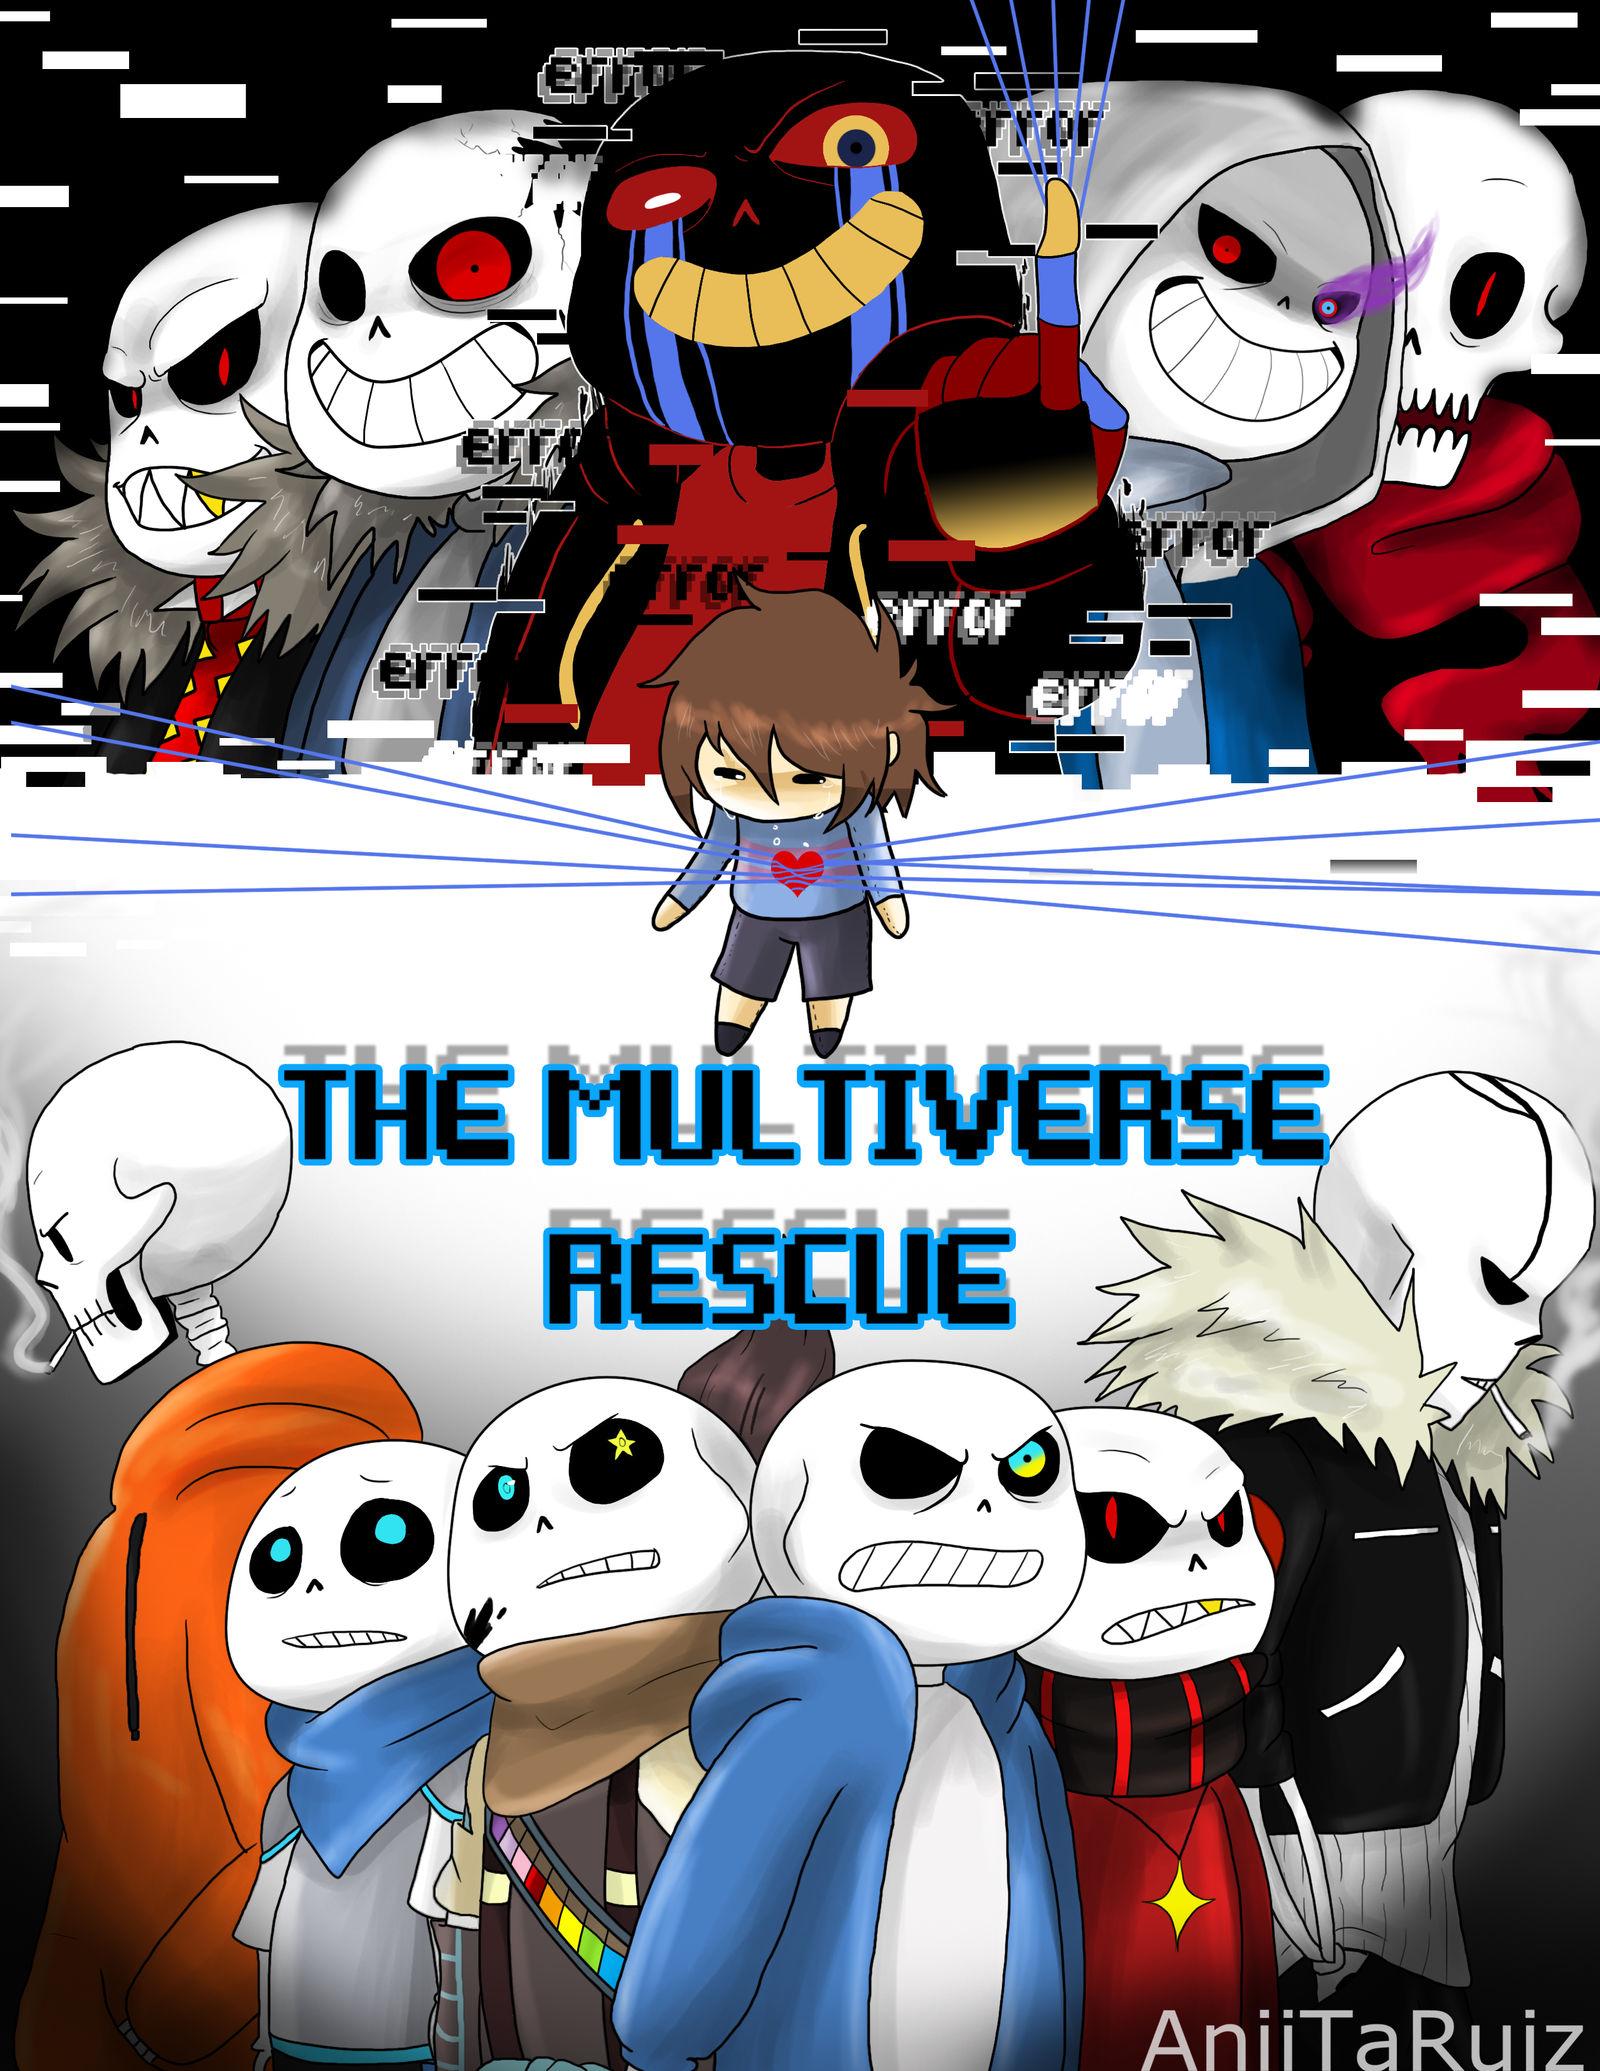 The Multiverse Rescue